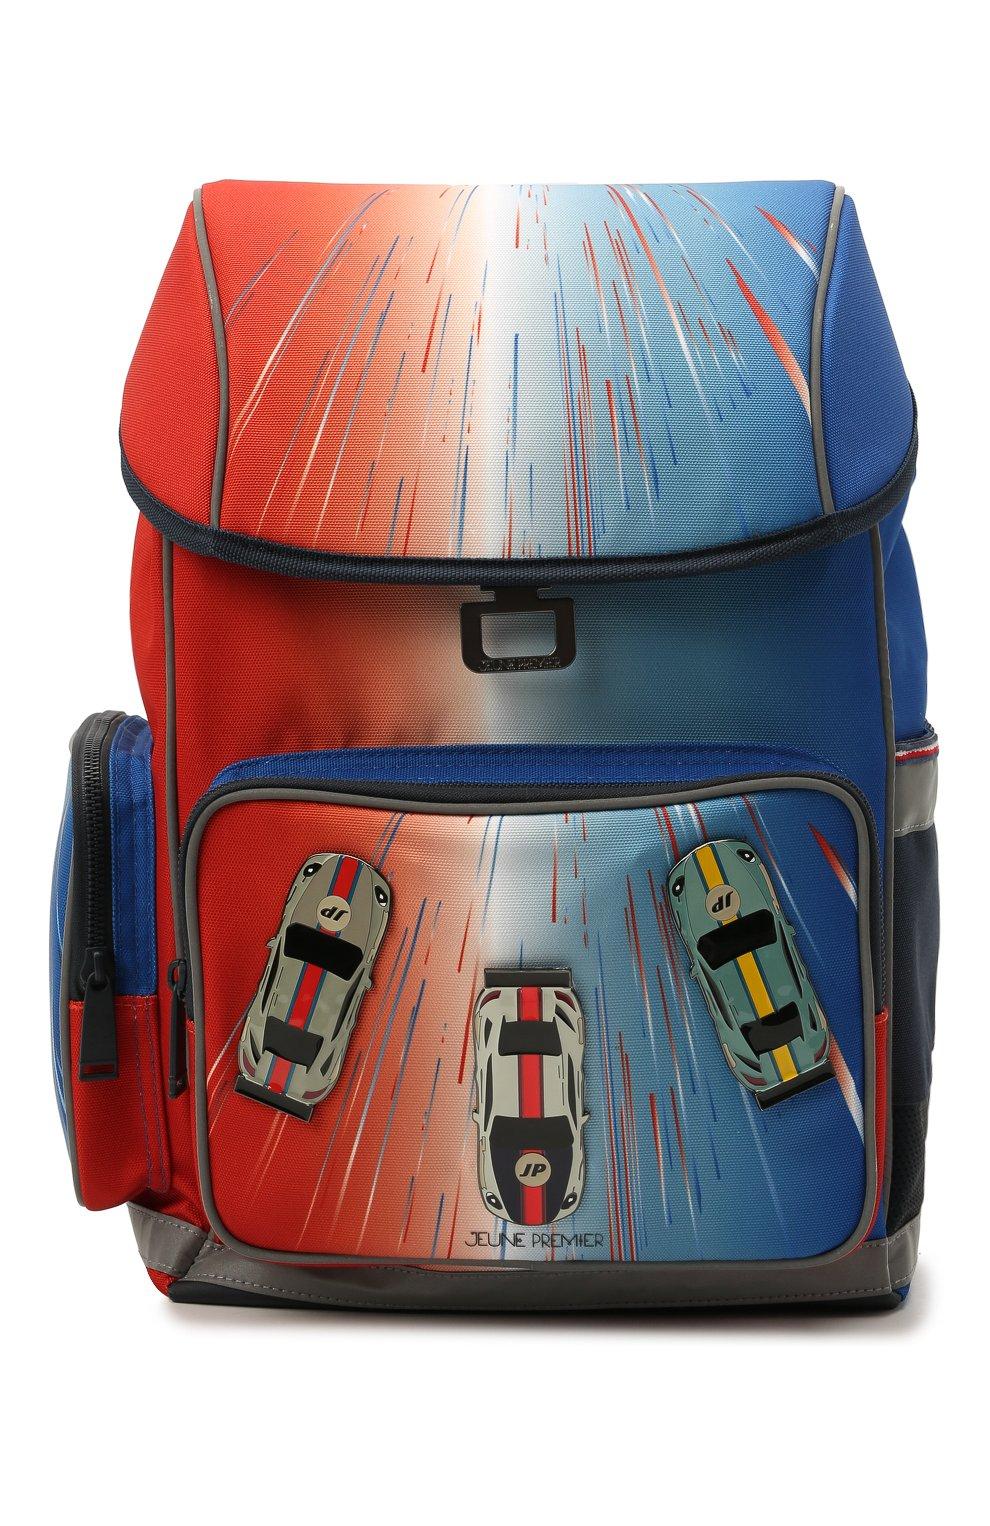 Детская рюкзак maxi racing club JEUNE PREMIER разноцветного цвета, арт. Erx21171   Фото 1 (Материал: Текстиль)